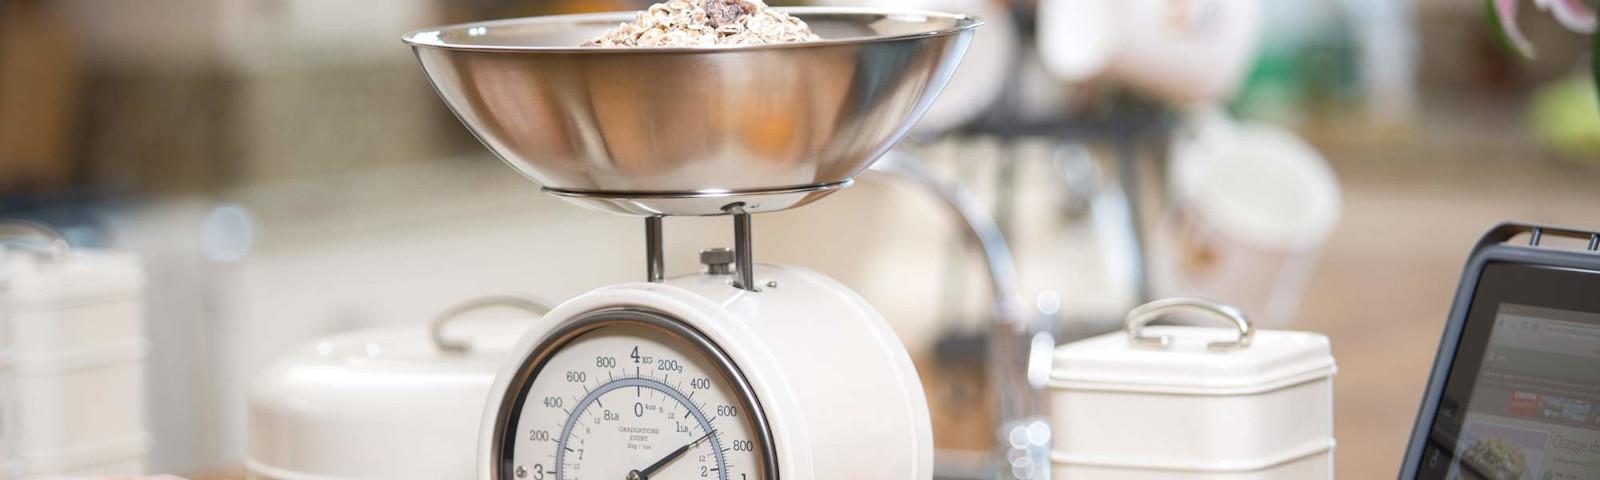 механические кухонные веса фото